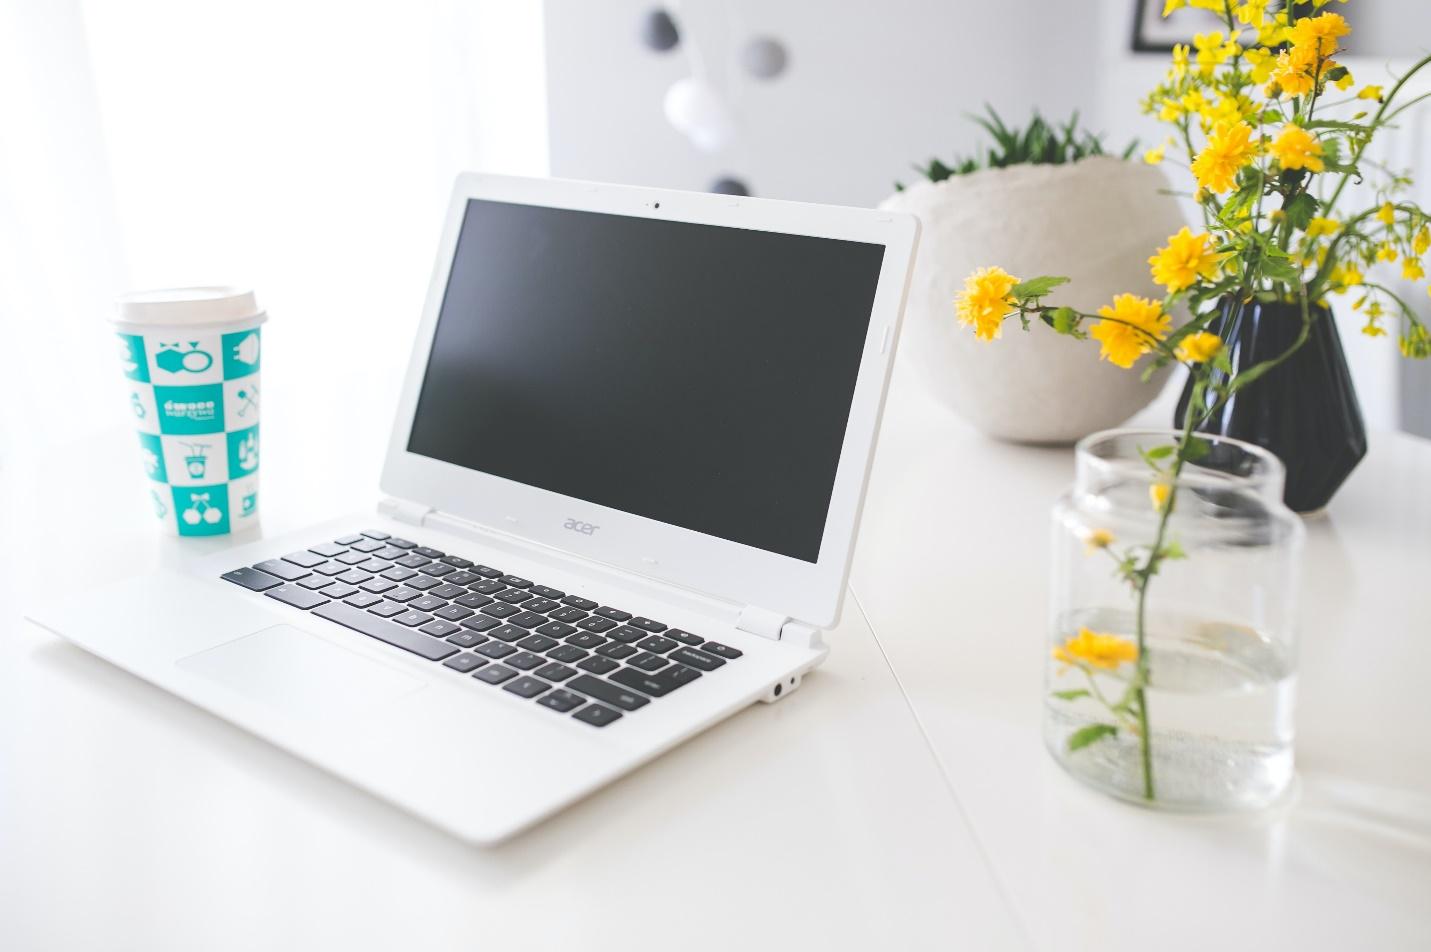 Acer Chromebook on a white desk